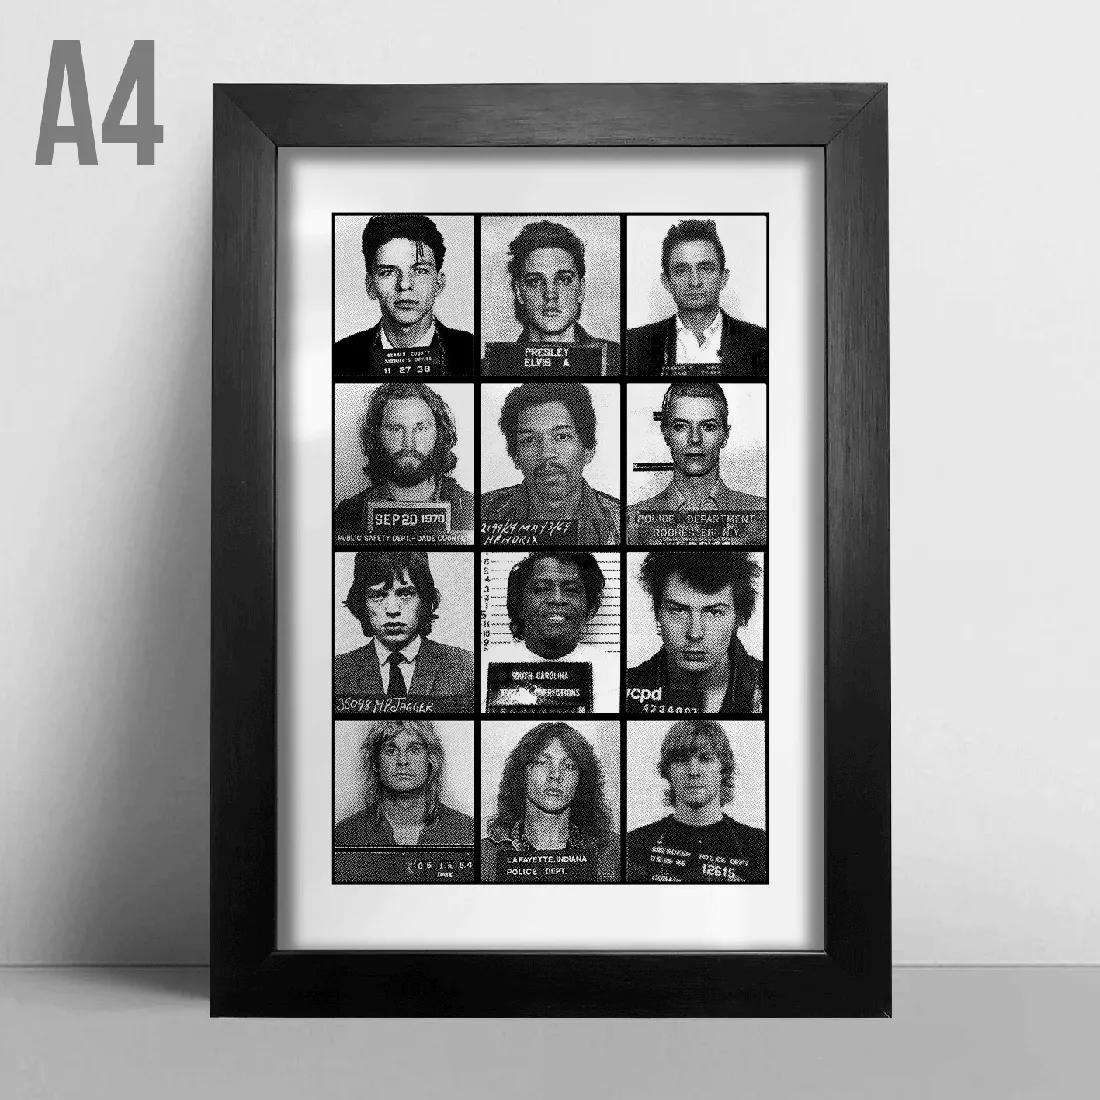 Quadro A4 - Prisons BR